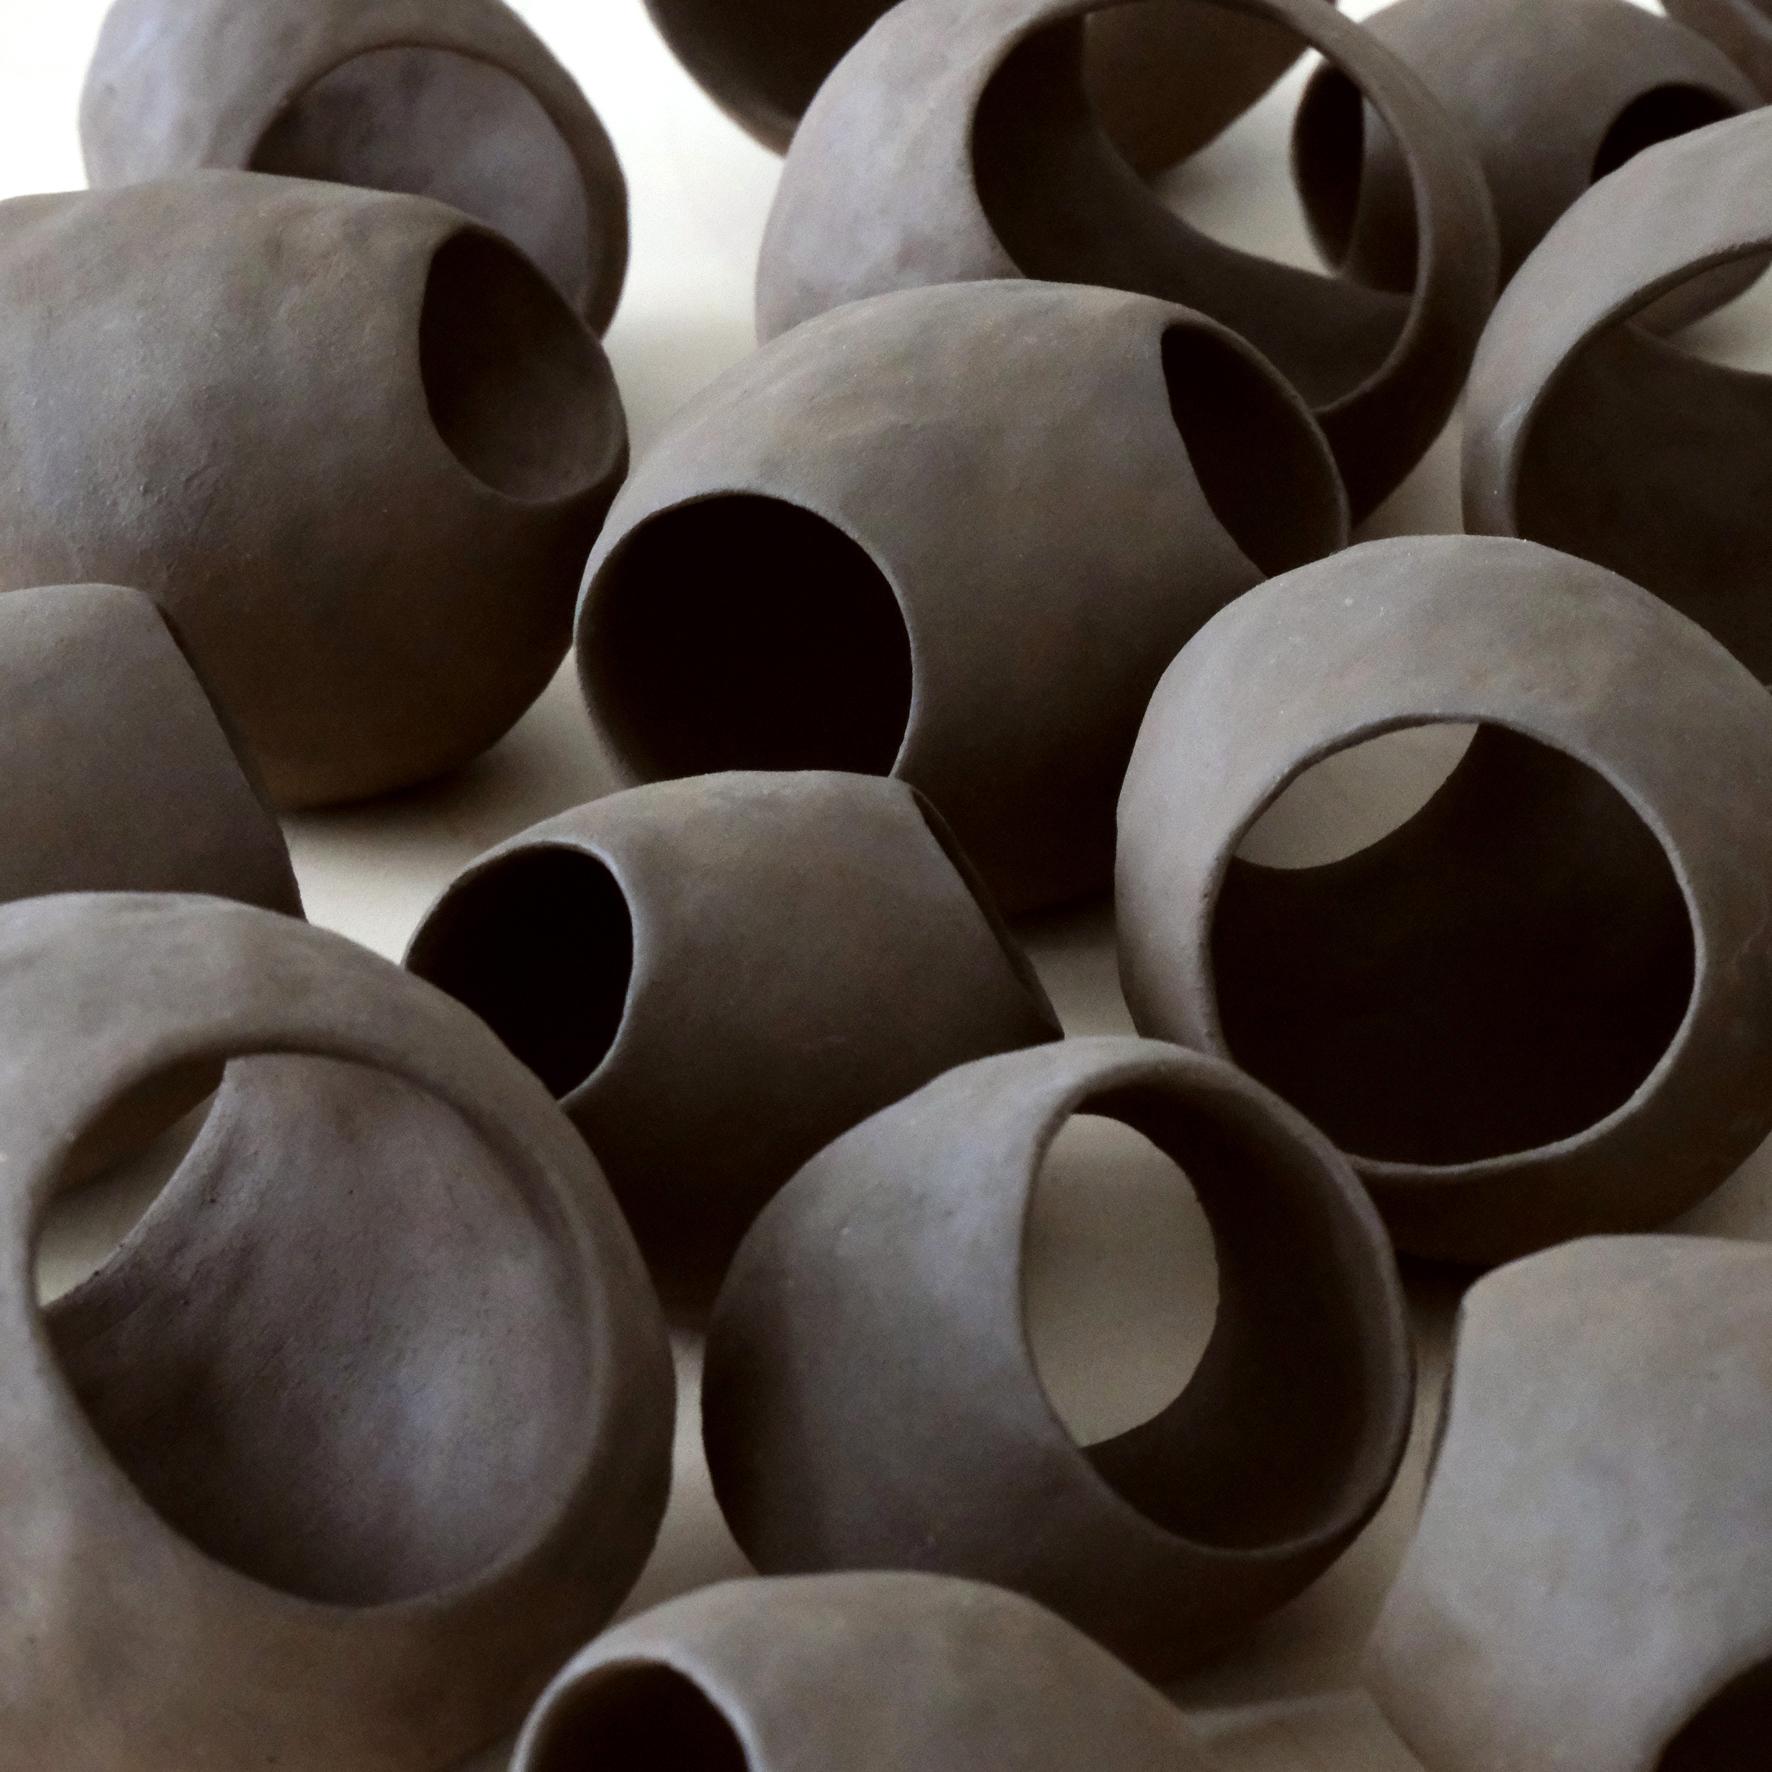 Gehäuse, (Detail), 2020, Ton, ca. 55 x 45 x 9 cm